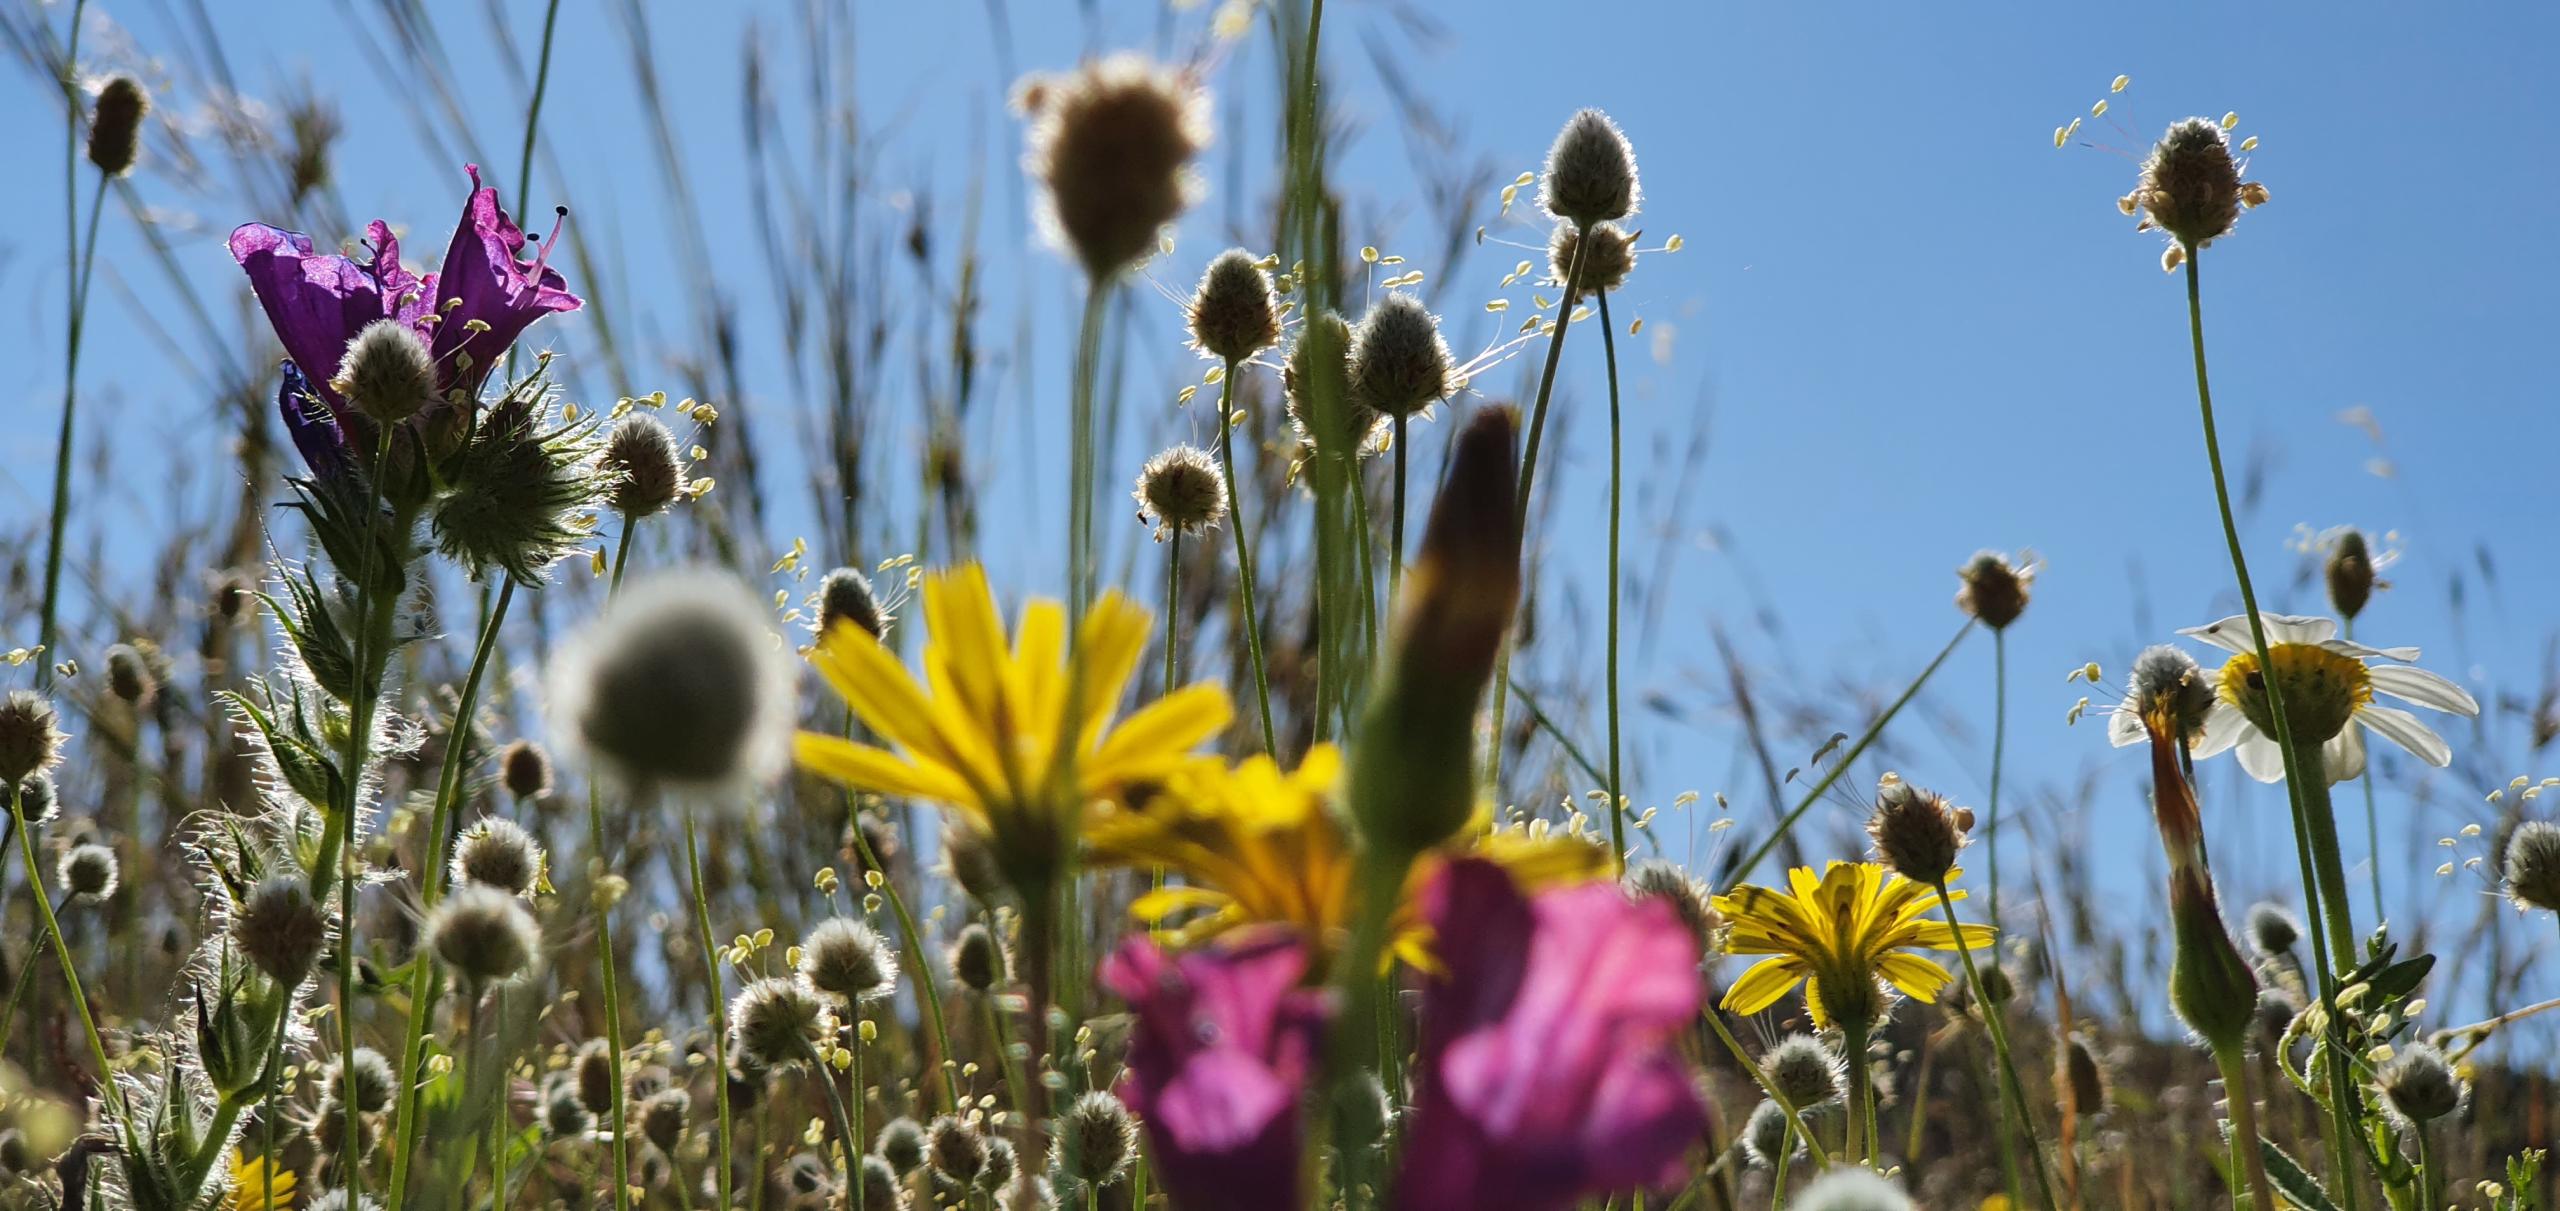 flores contra um céu azul ideias de fotografia de telefone